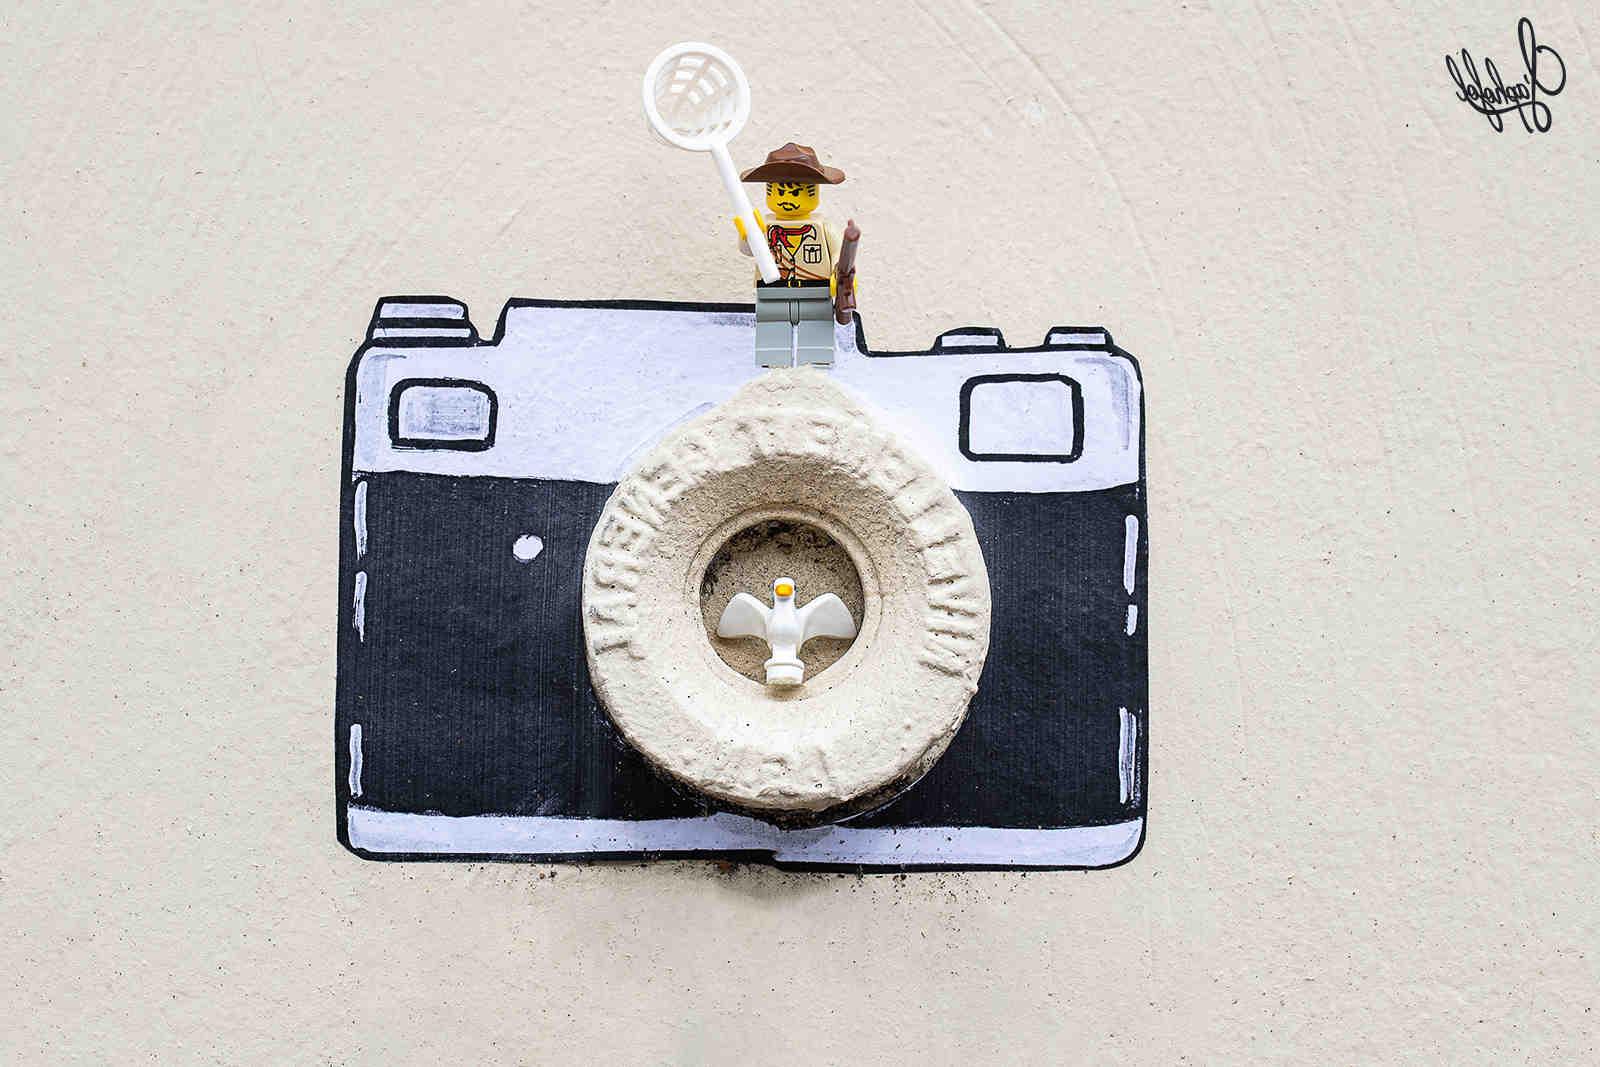 Comment prendre de belles photos Polaroid?